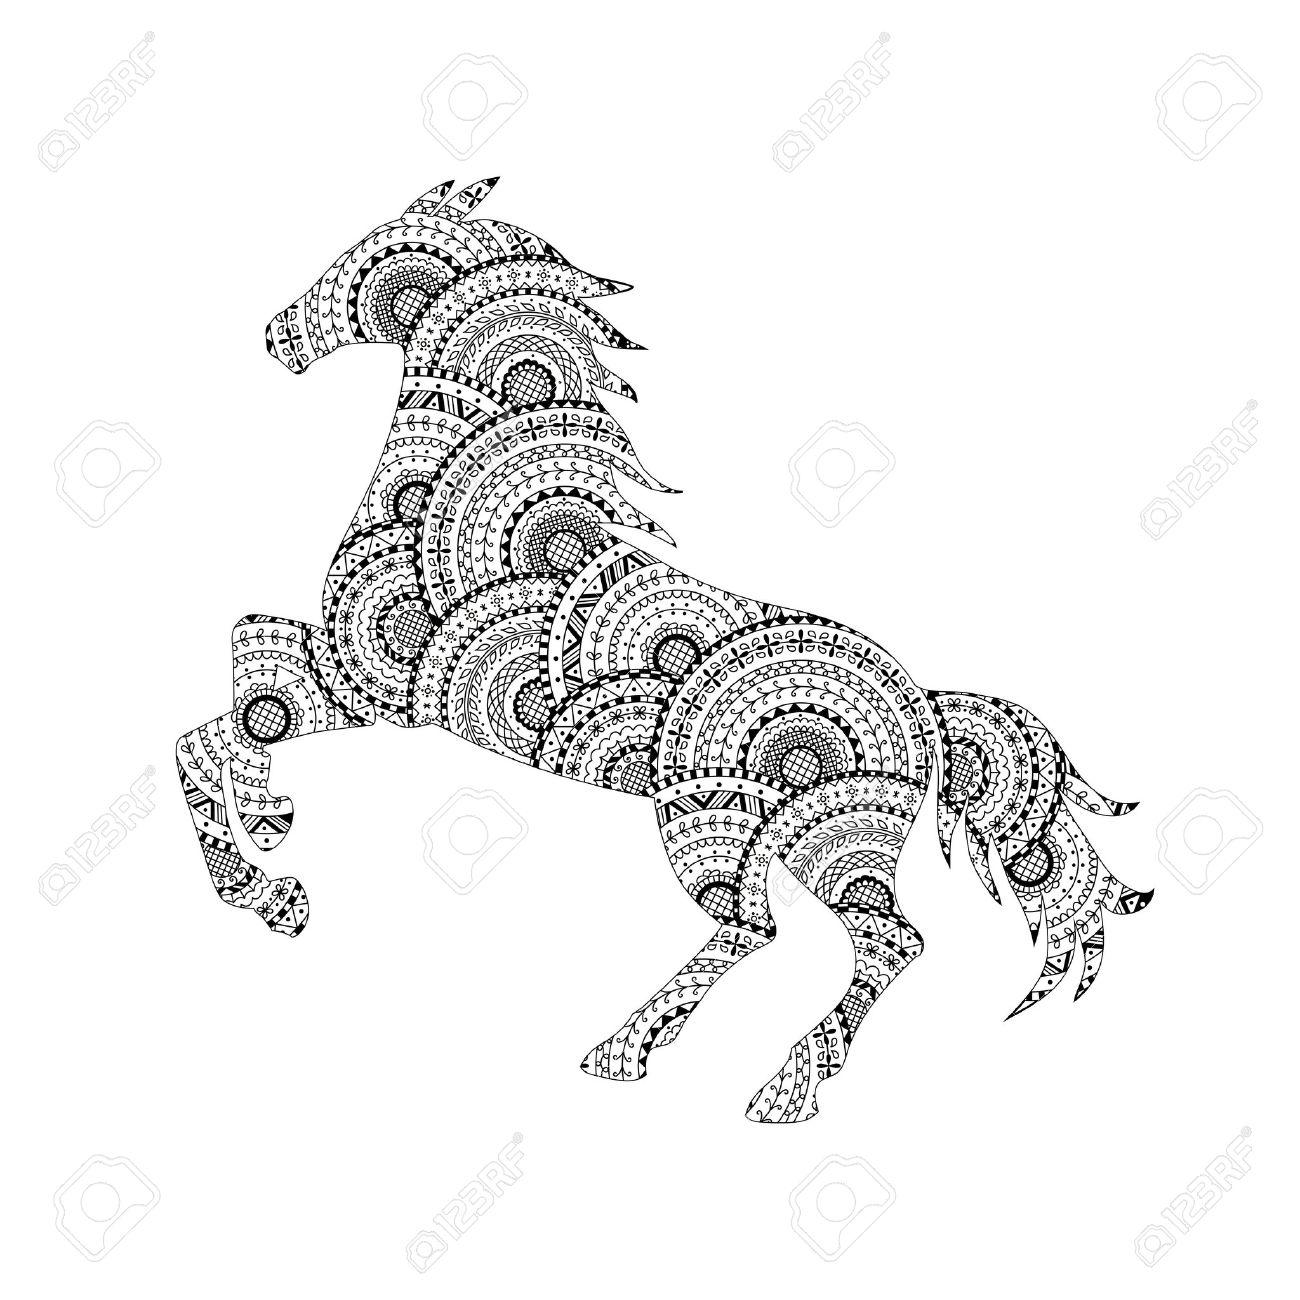 Tolle Mandalas Tiere Pferde Zeitgen Ssisch Malvorlagen Von Tieren